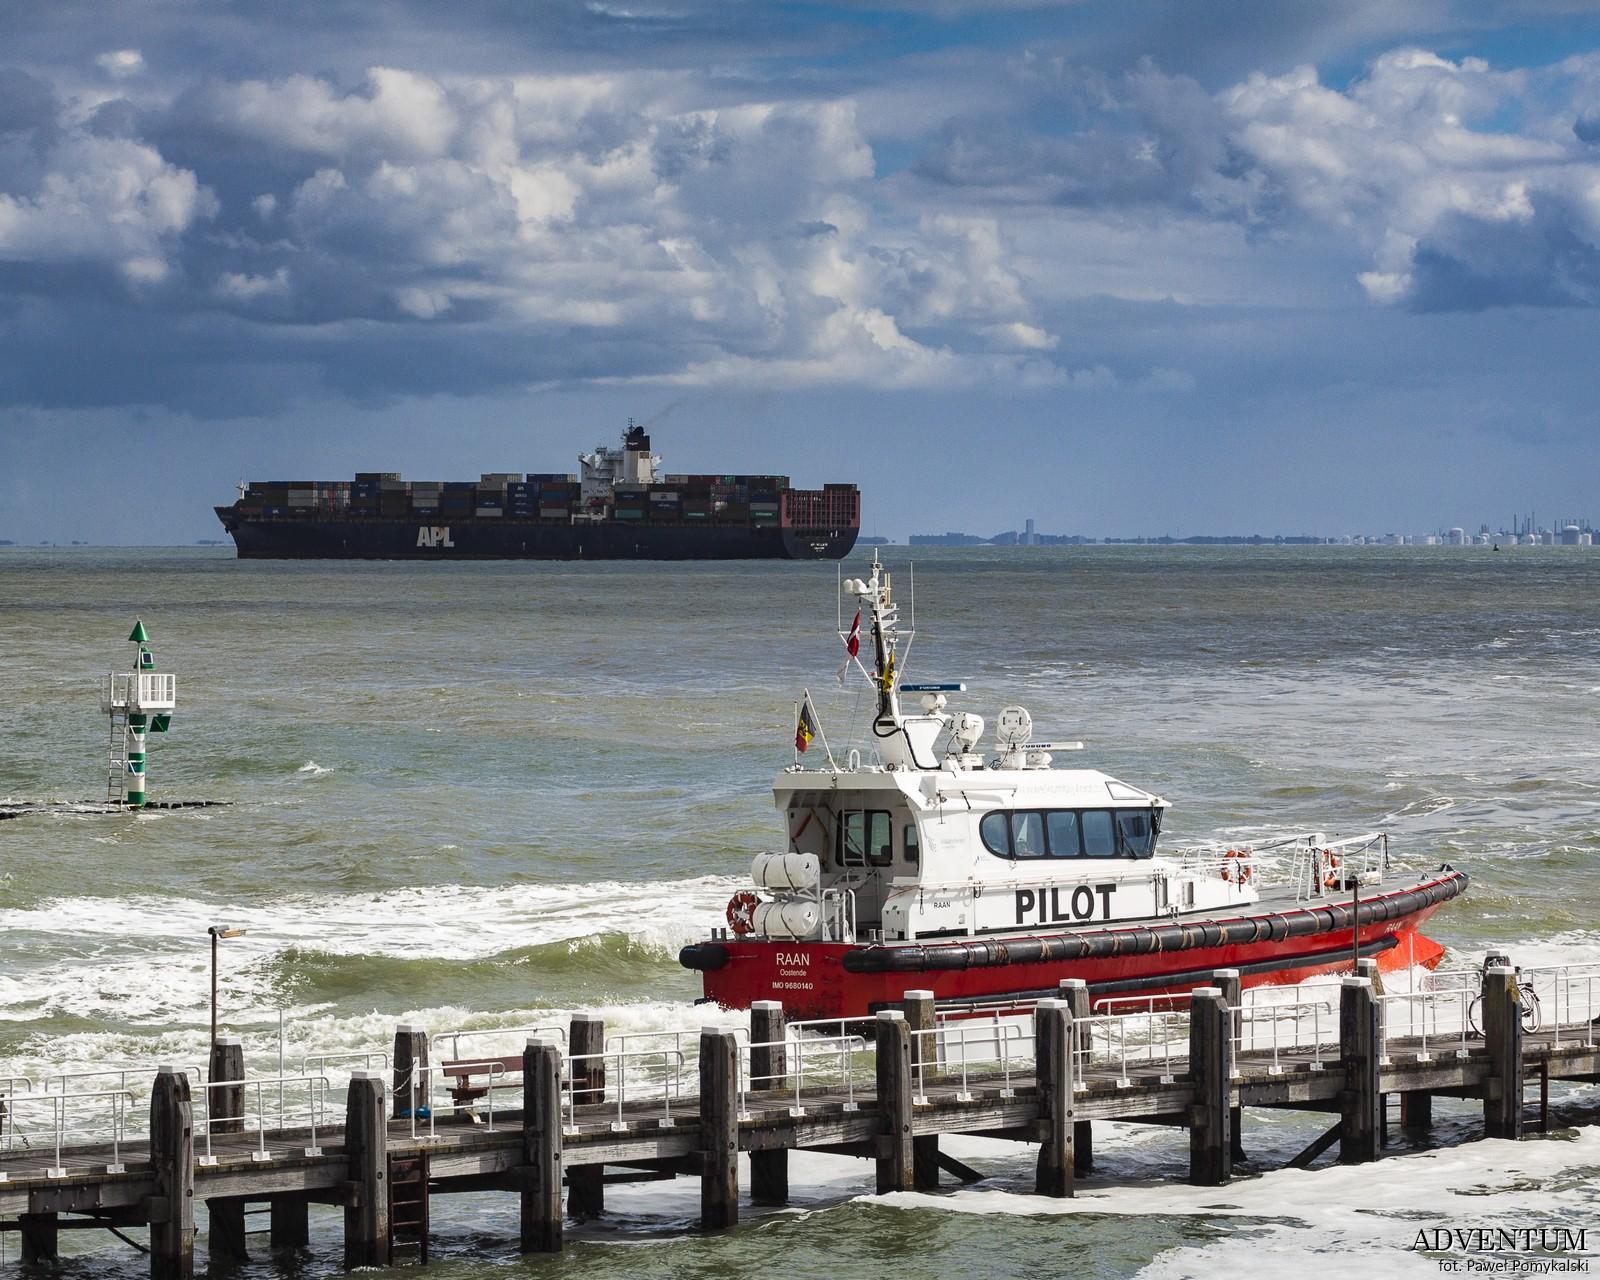 Holandia Vlissingen Atrakcje Zwiedzanie co Zobaczyć Amsterdam Rotterdam Haga Kanały Wiatraki